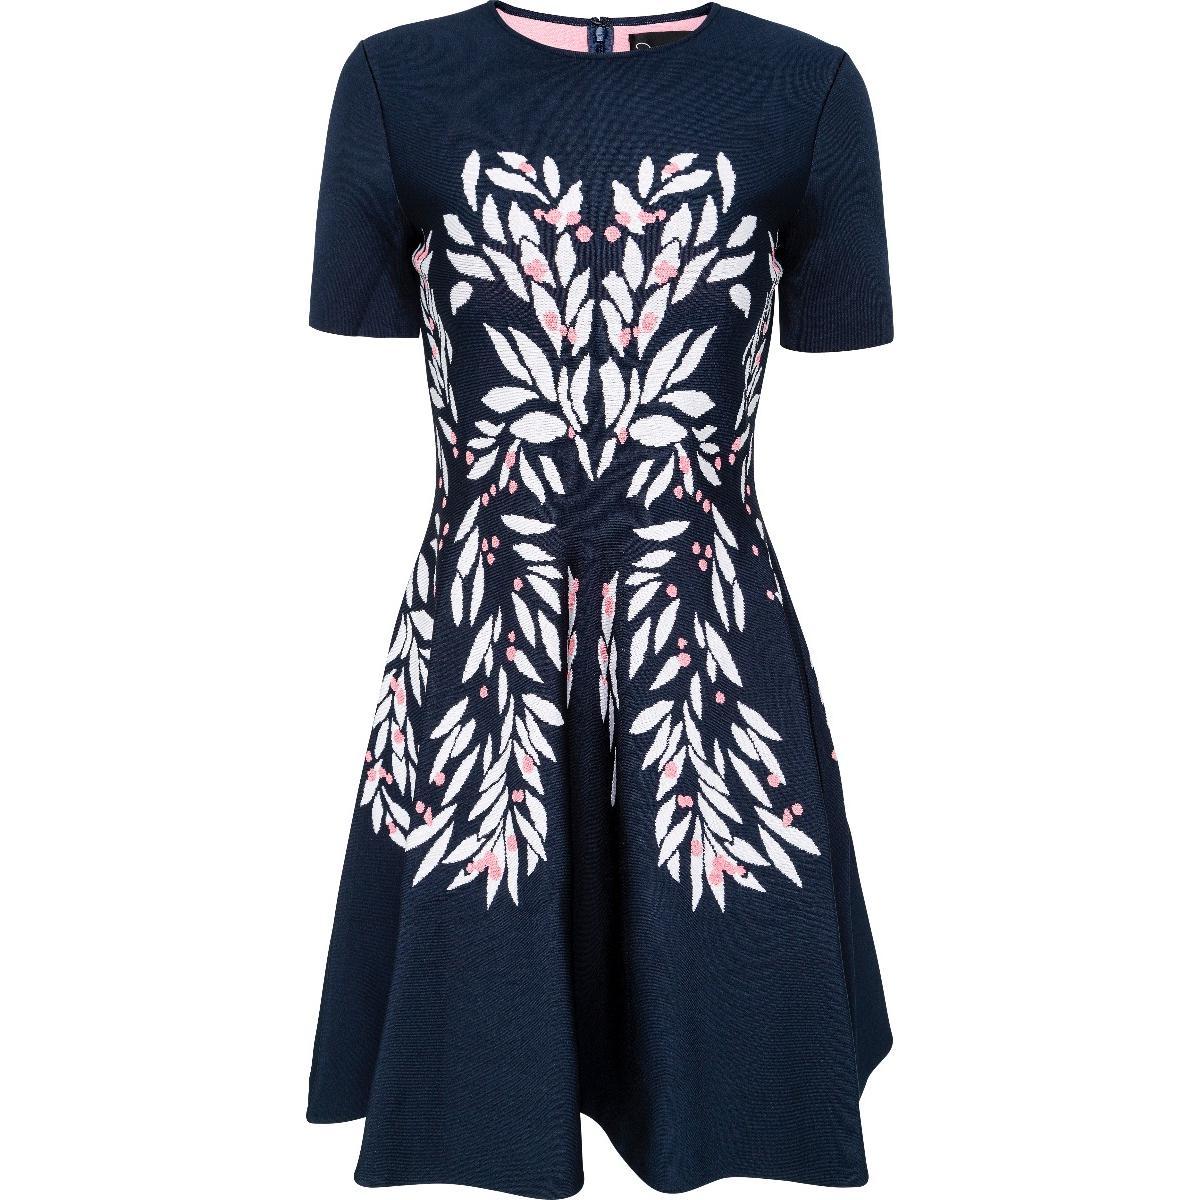 Knielanges Kleid in Strech-Viskose mit Blütenmotiv-0